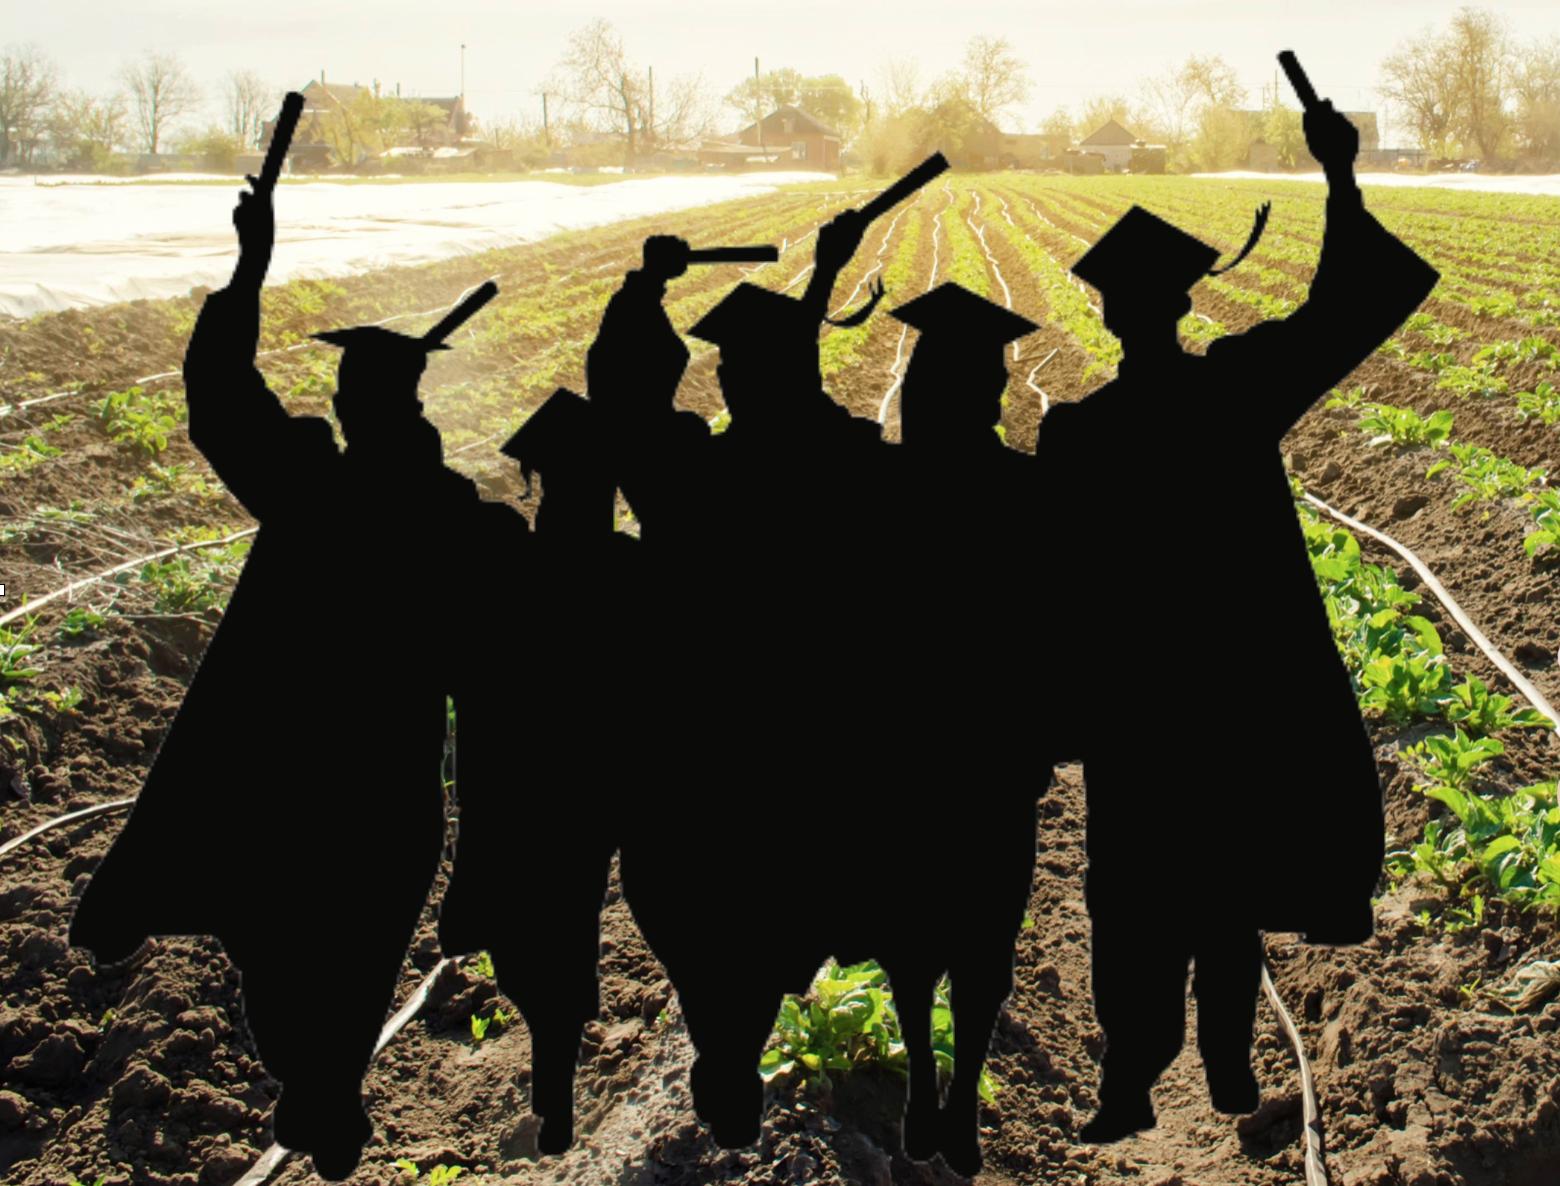 Fotocollage, Silhouette von Diplomanden auf einem Feld